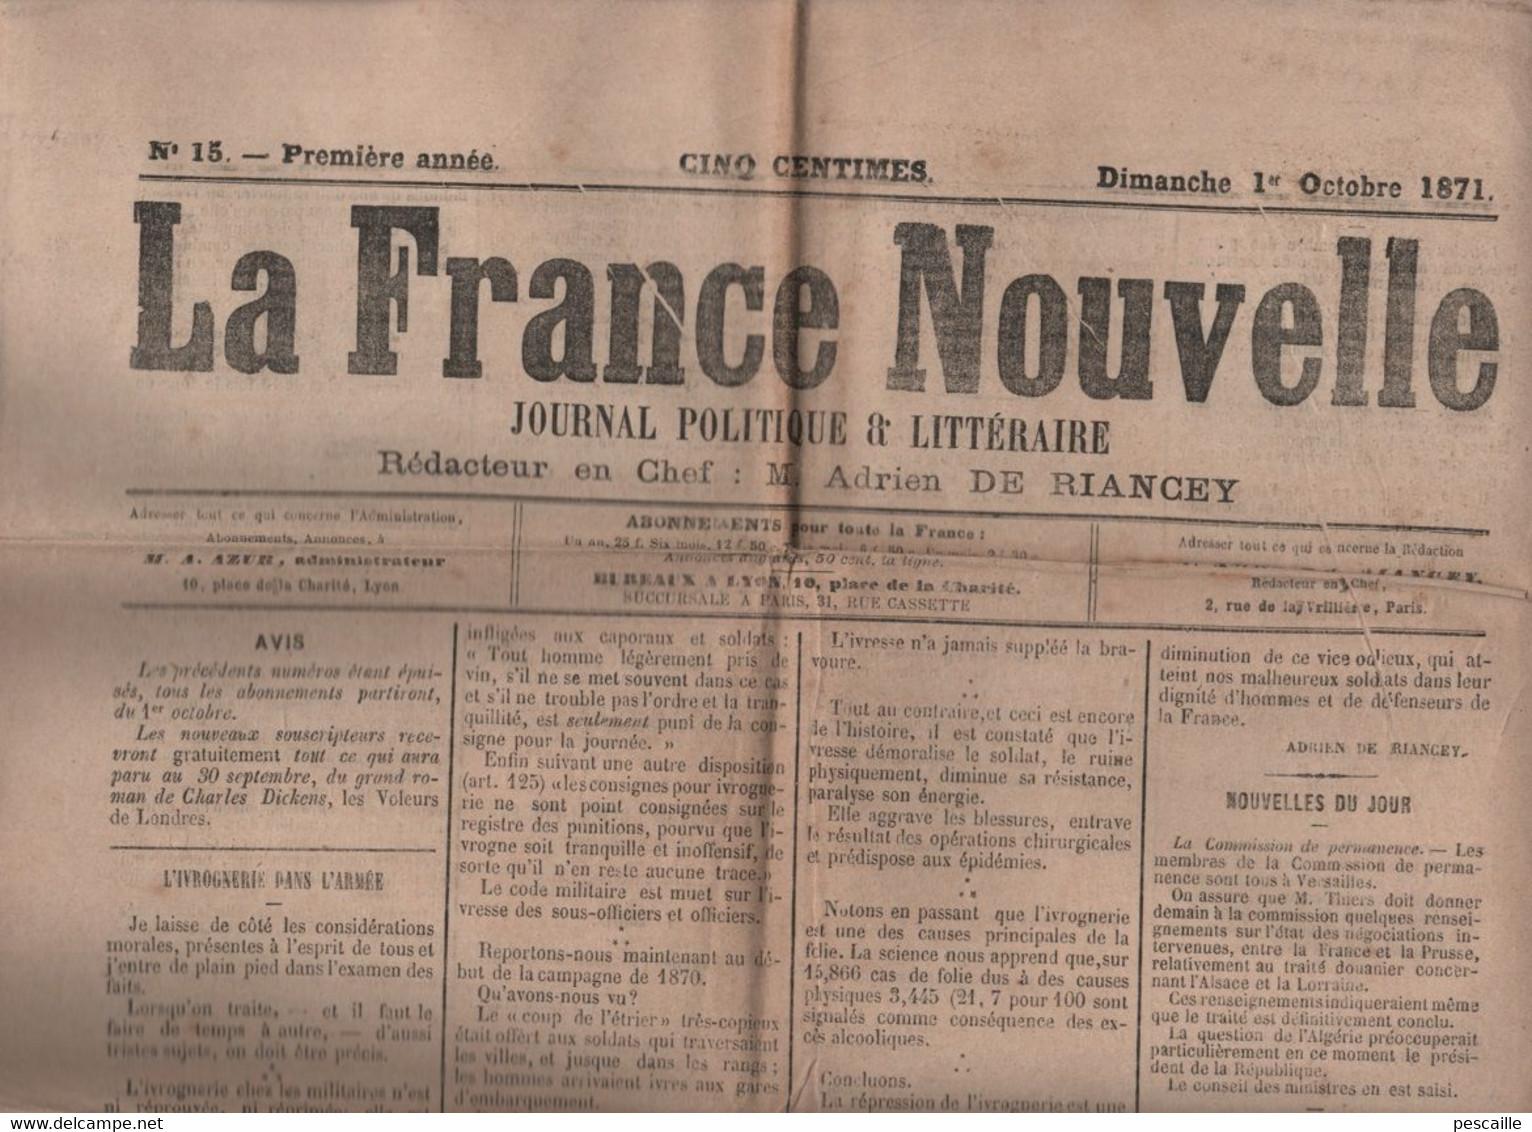 LA FRANCE NOUVELLE 01 10 1871 - IVROGNERIE DANS L'ARMEE - COMPAGNONNAGE - GENERAL GALLIFET - PRUSSIENS A SAINT DENIS - - 1850 - 1899